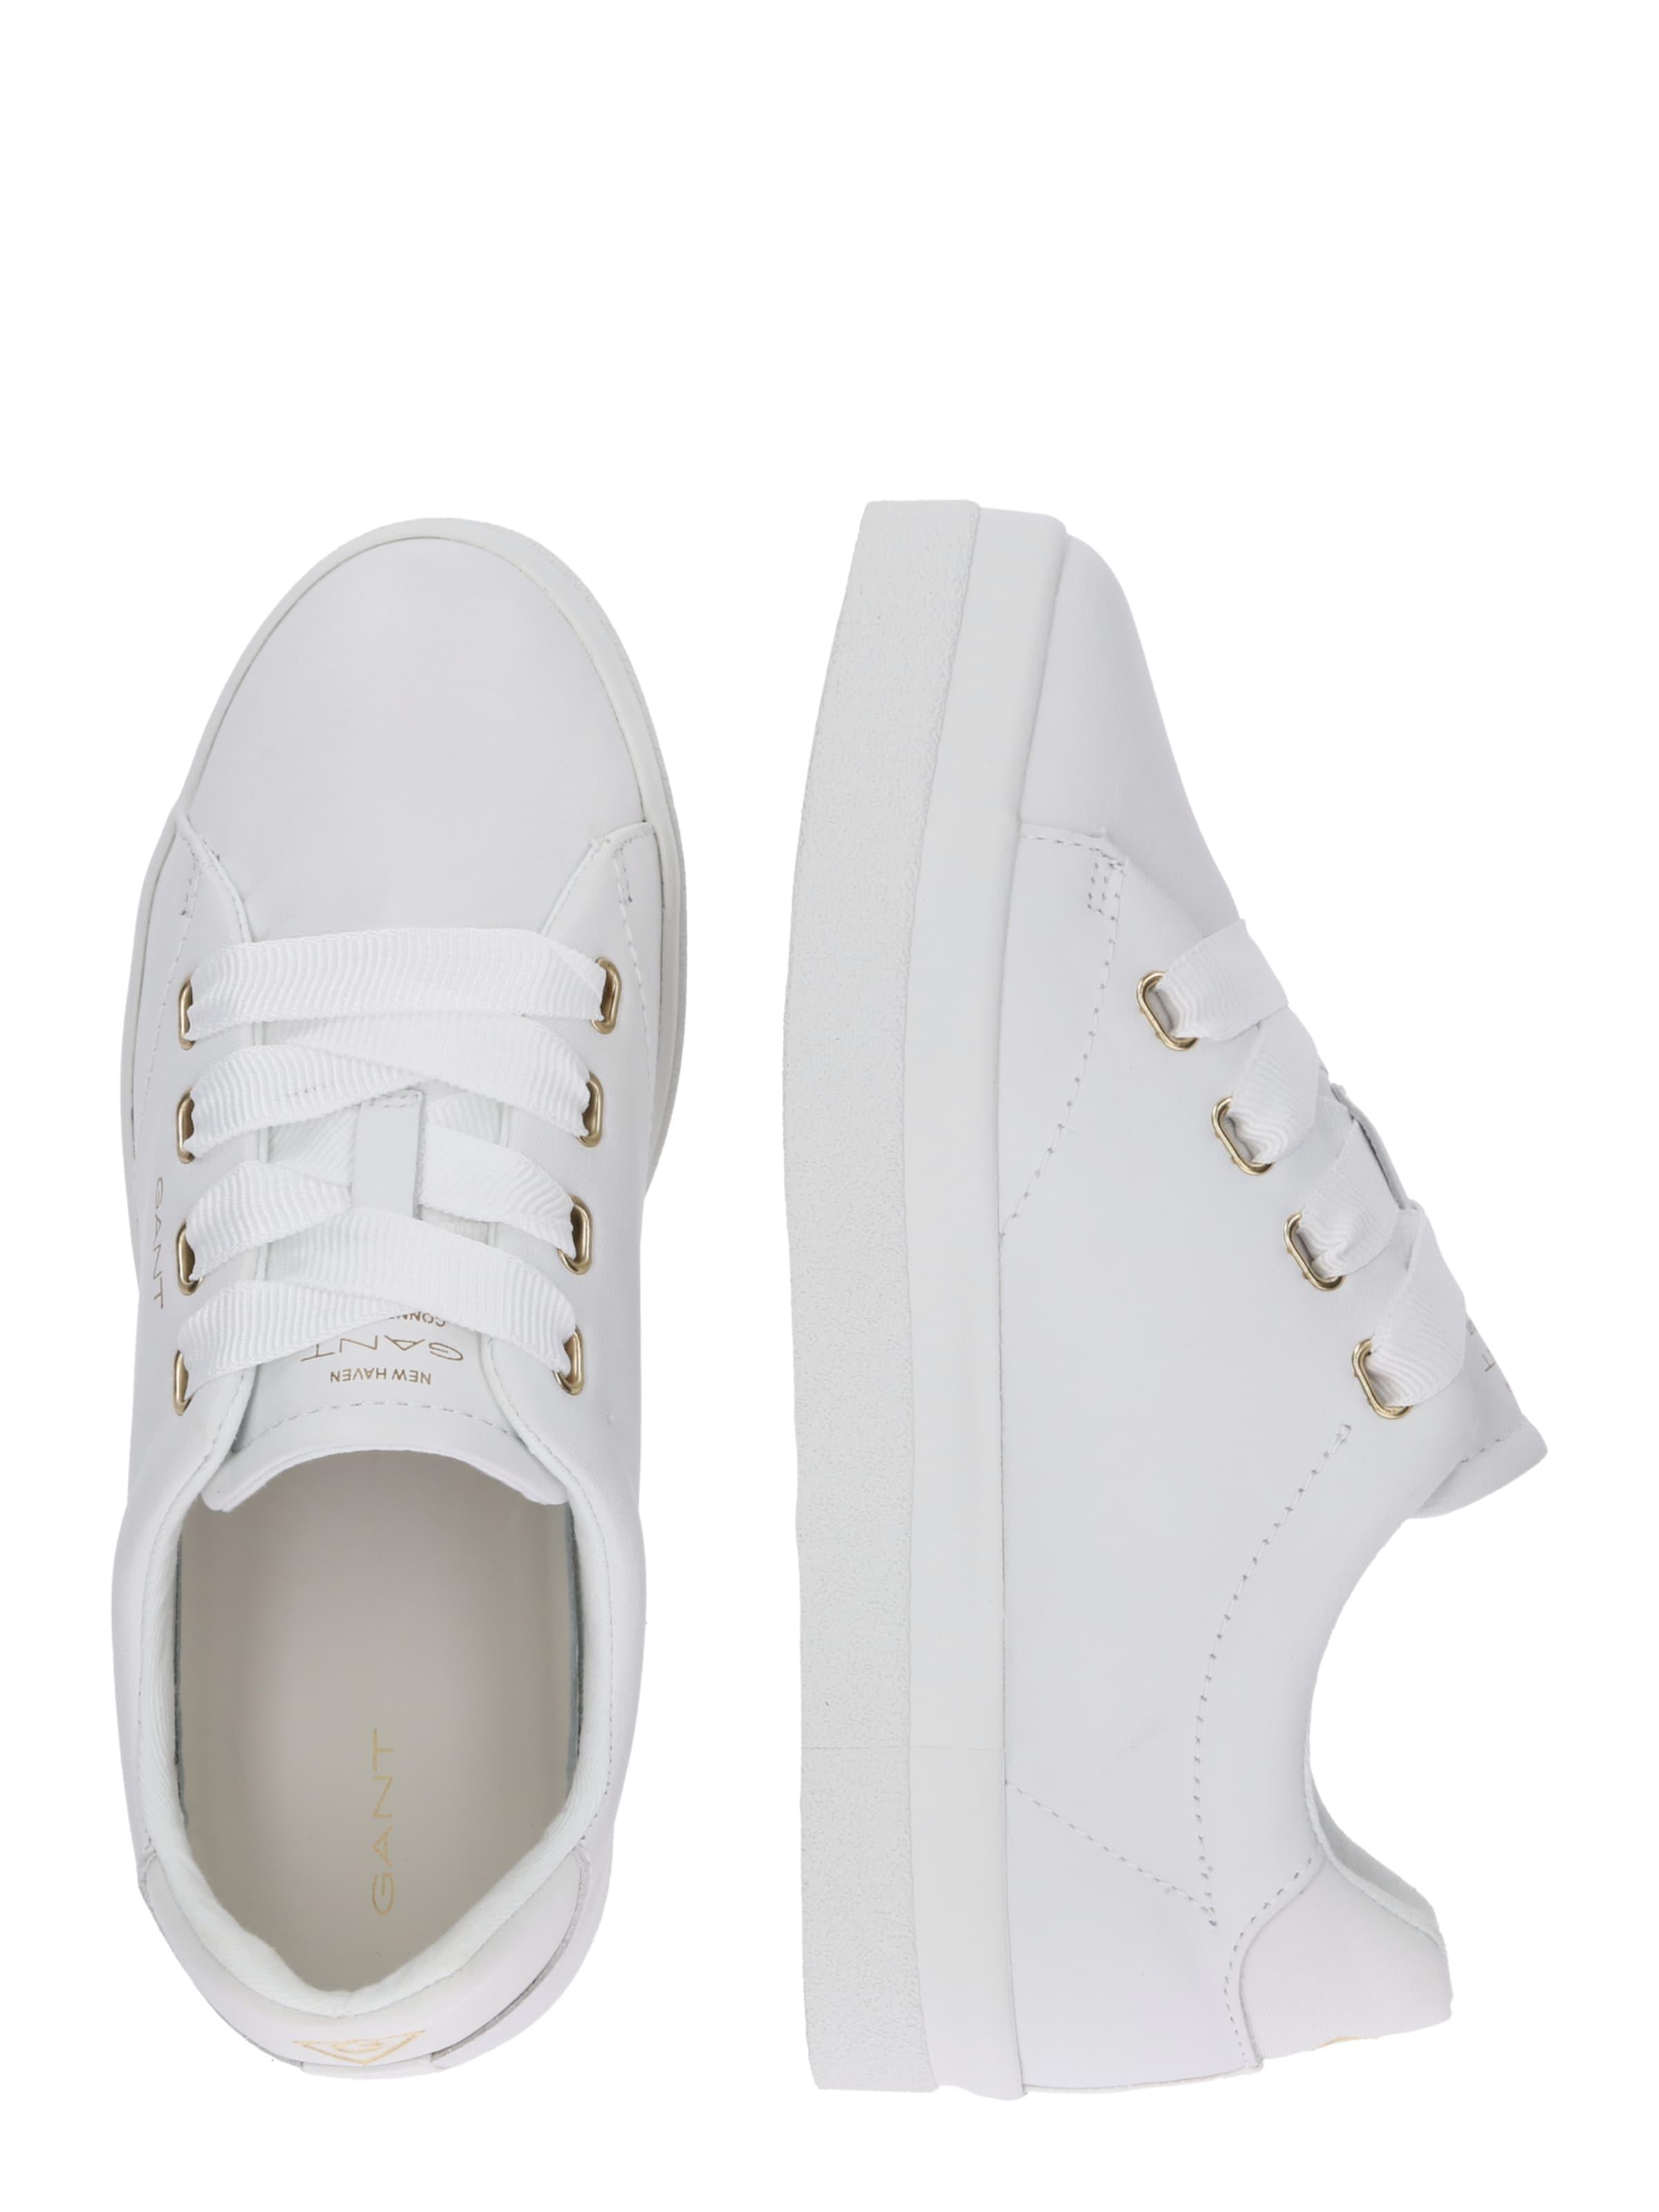 'aurora' Blanc Gant En Baskets Basses zUqSMpGV